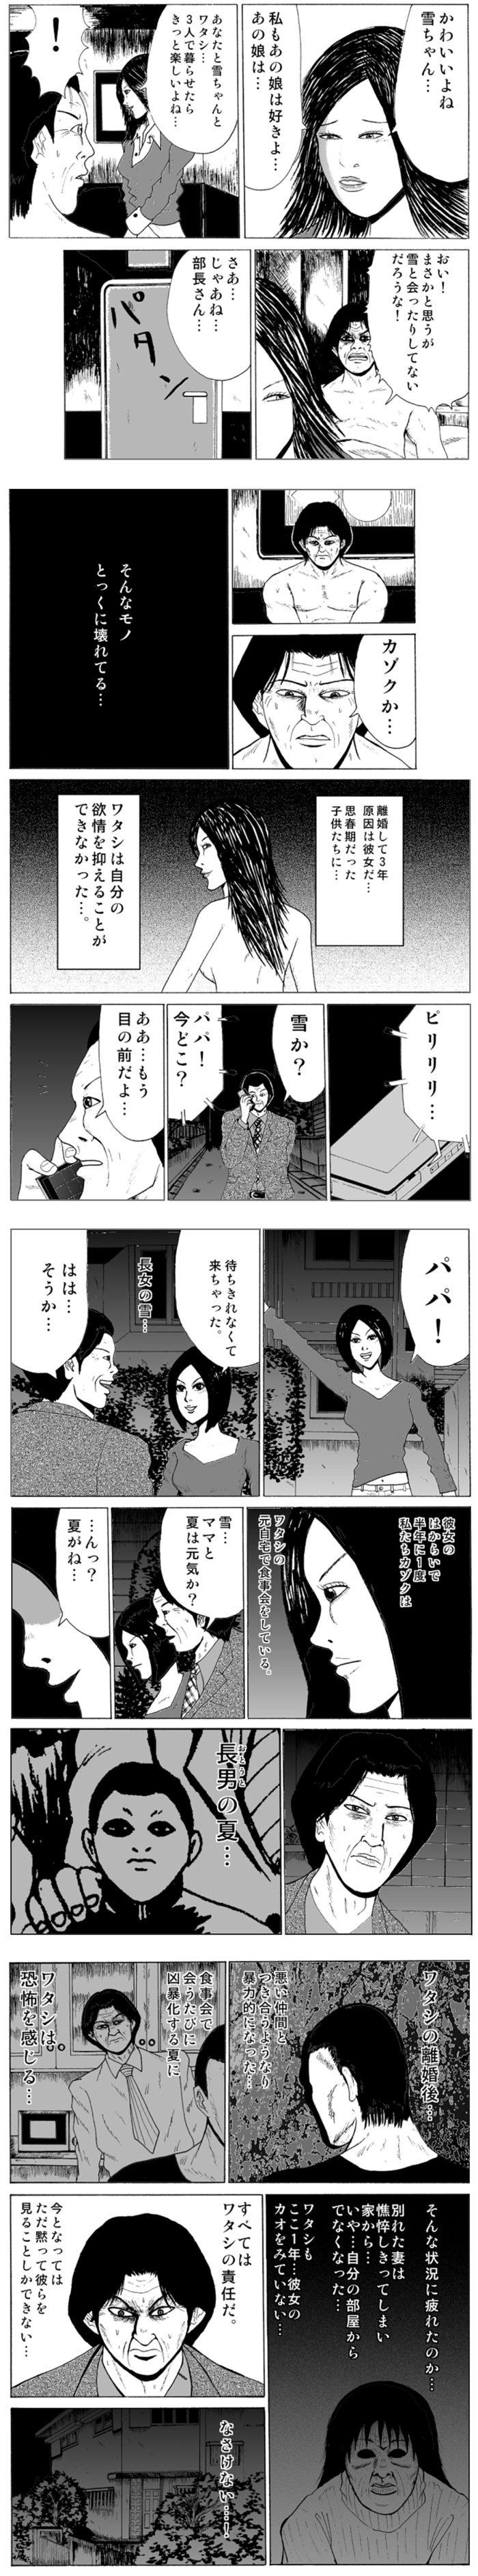 kazoku02